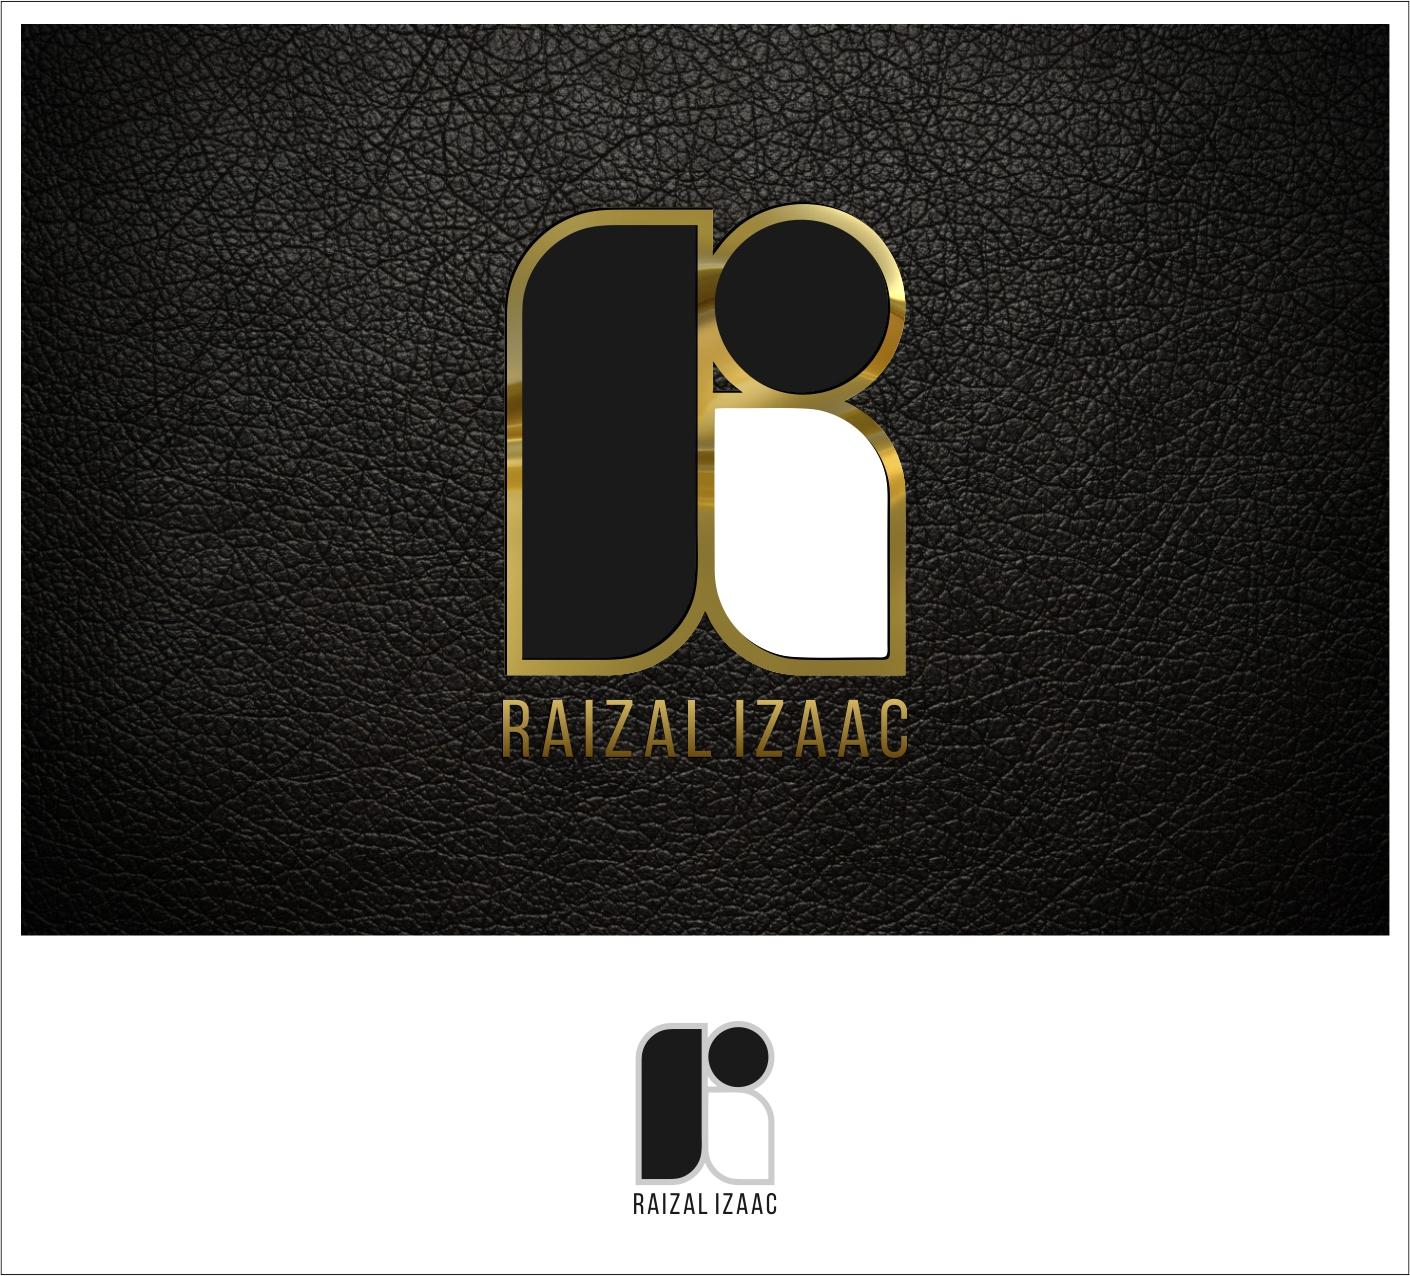 Logo Design by joca - Entry No. 67 in the Logo Design Contest Creative Logo Design for Raizal Izaac.